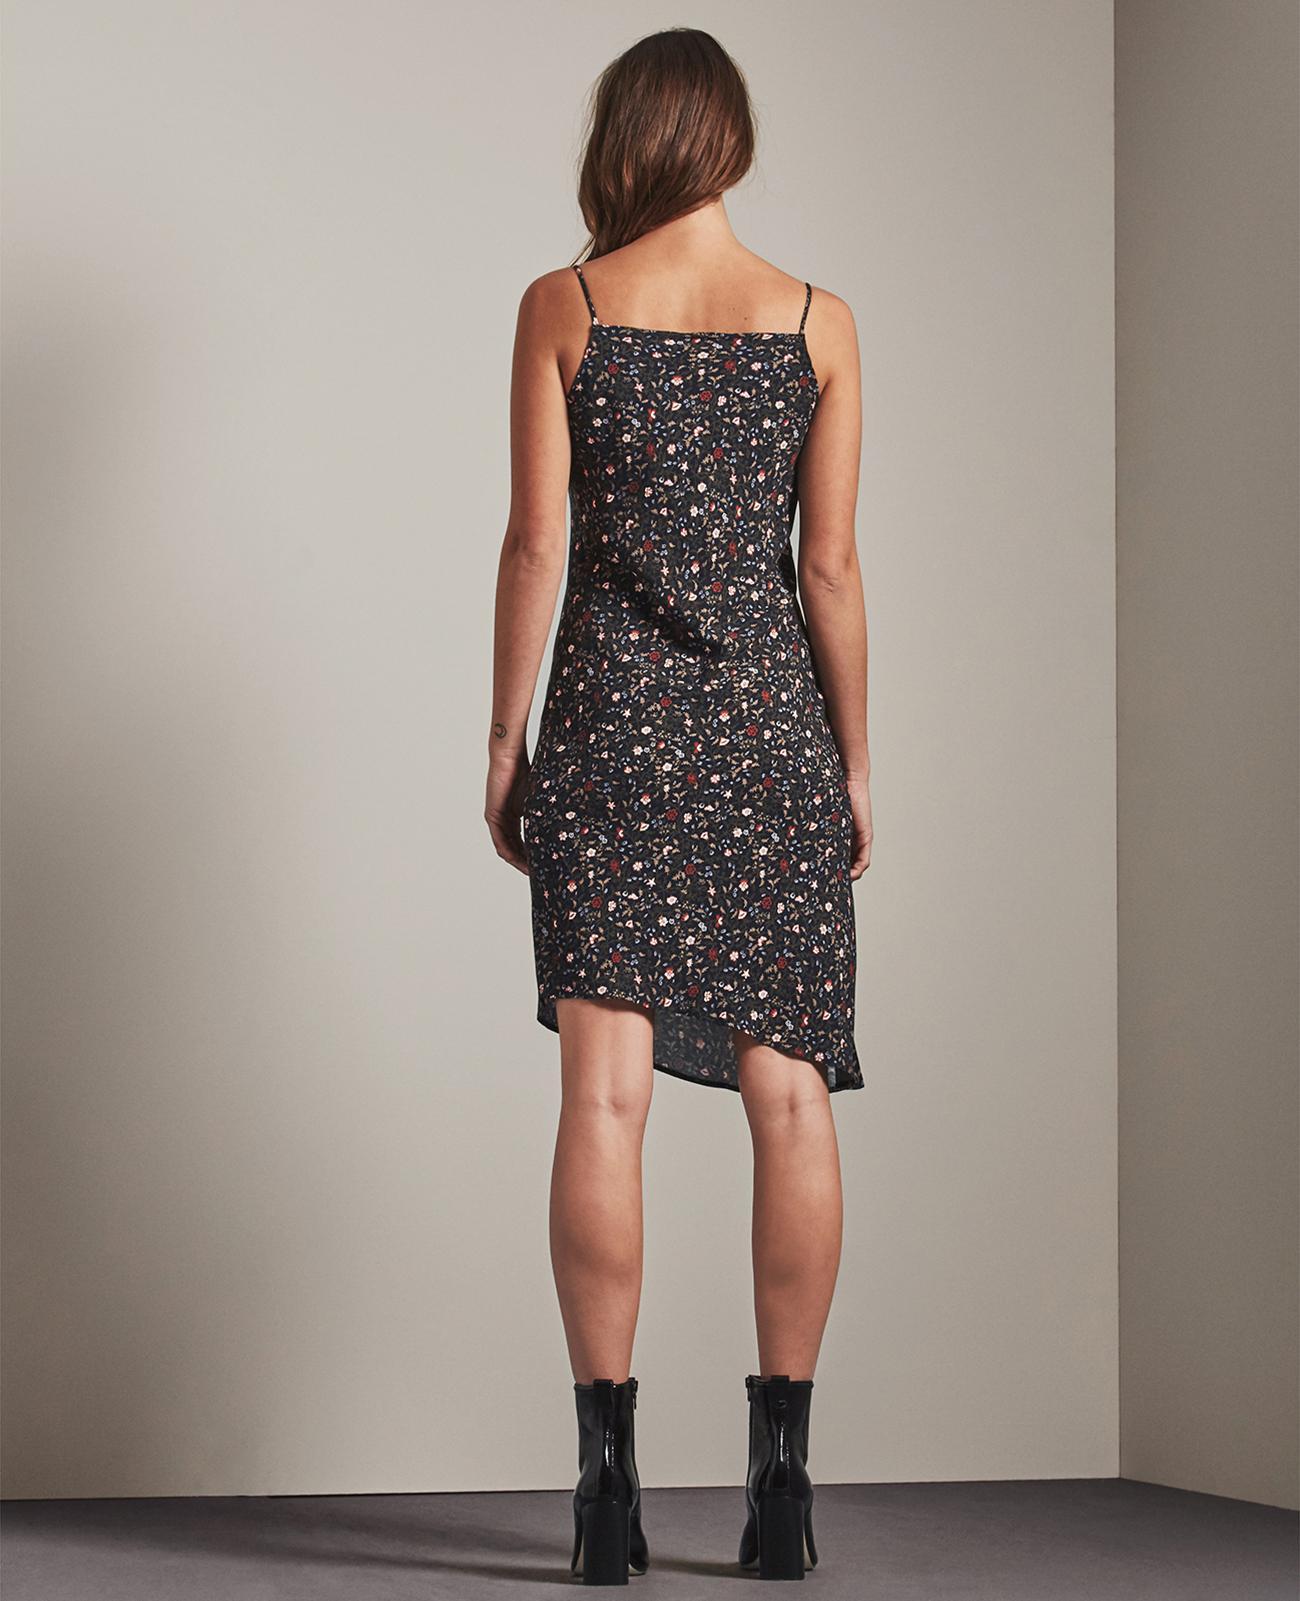 The Gia Dress